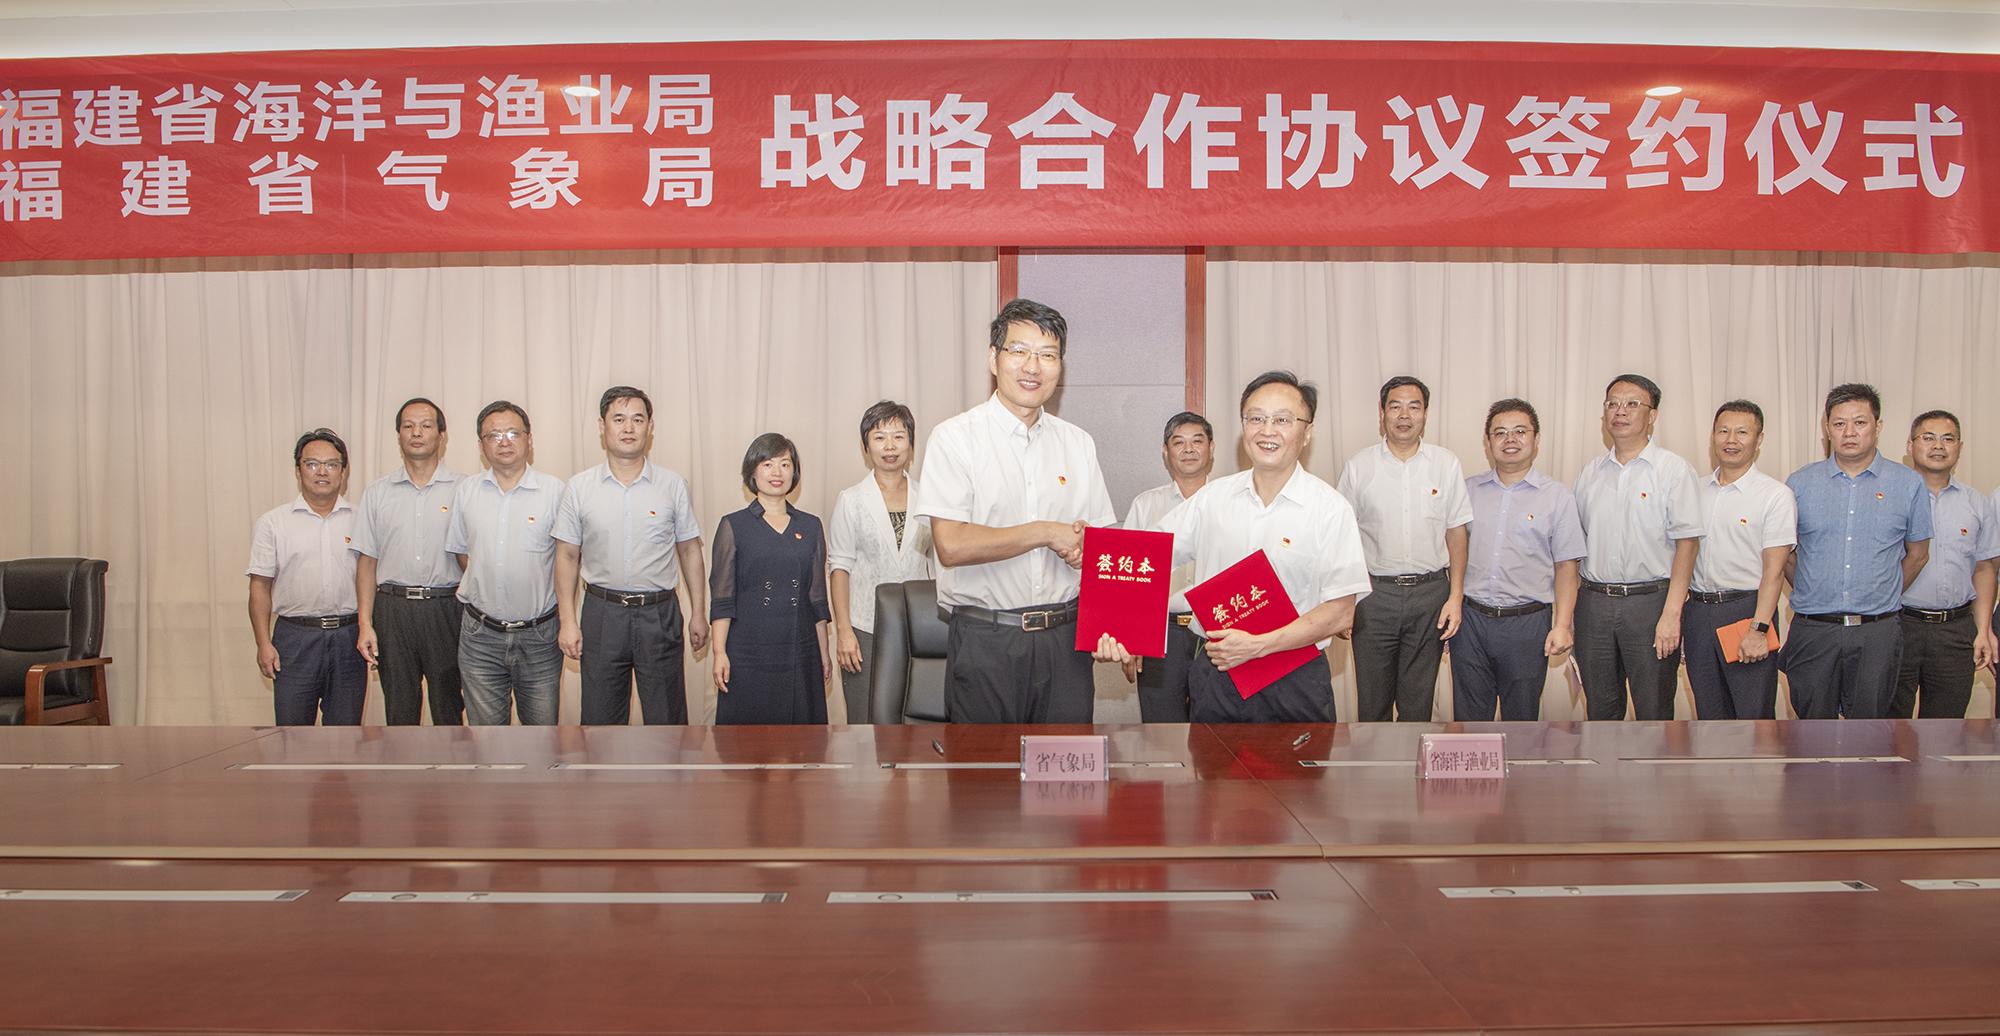 福建:气象海洋渔业签署战略合作协议